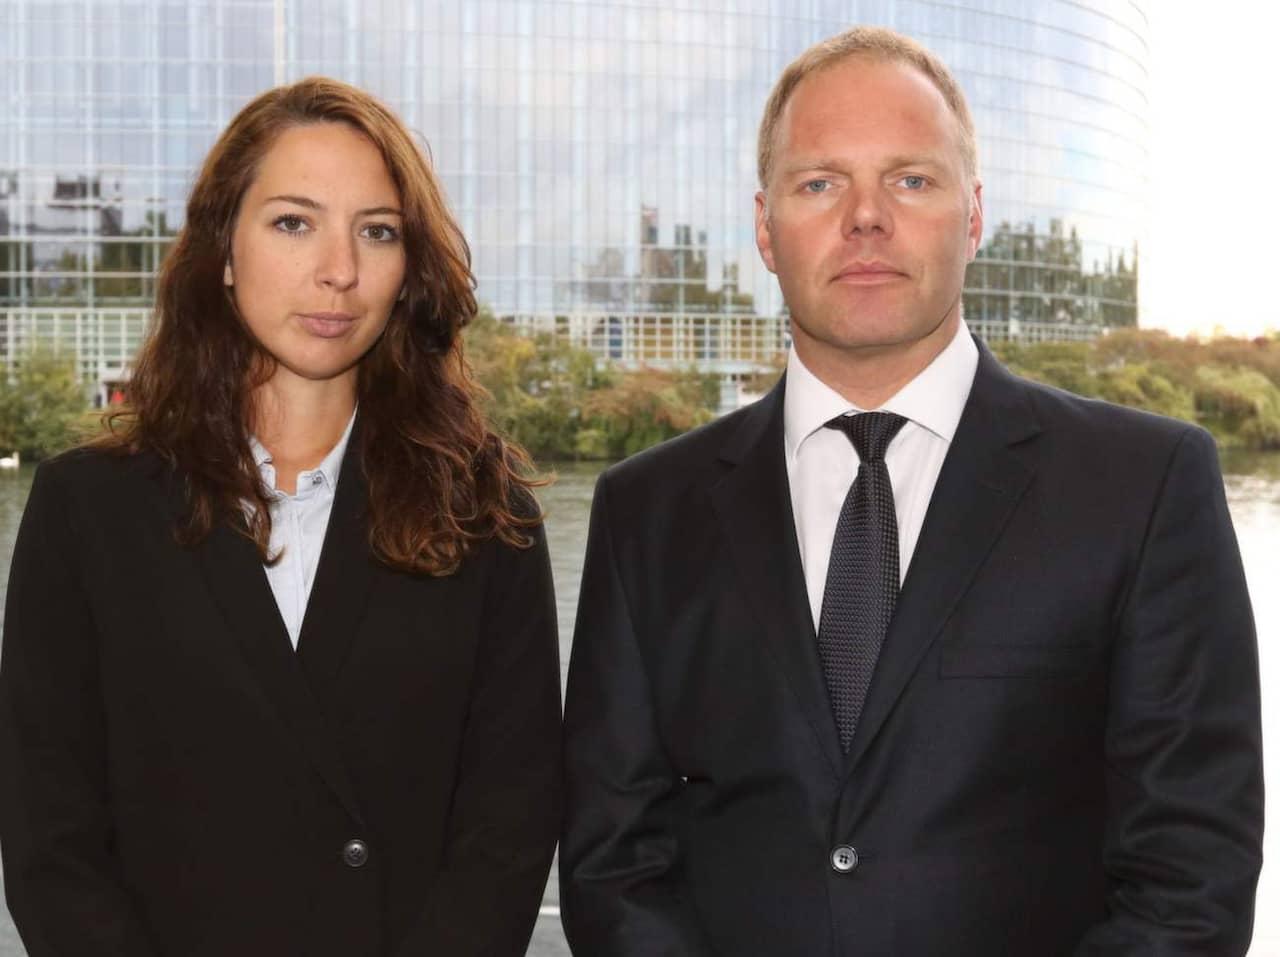 Hanna jakobson och Kristofer Sandberg